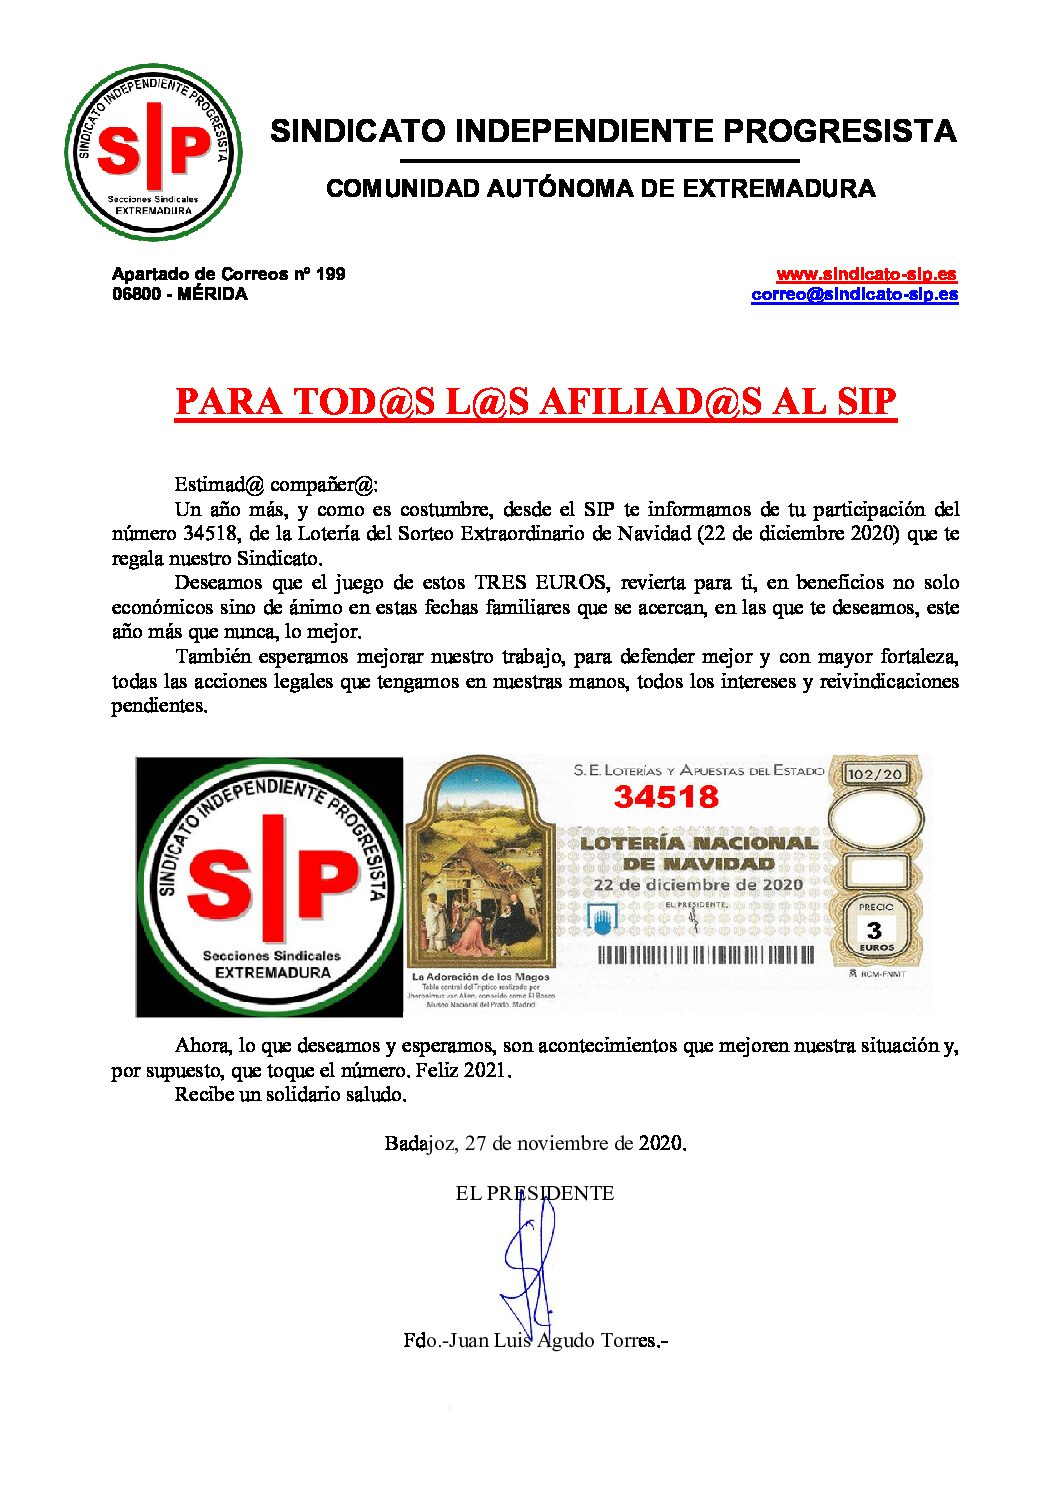 Lotería de Navidad 2020 para todos los afiliados del SIP